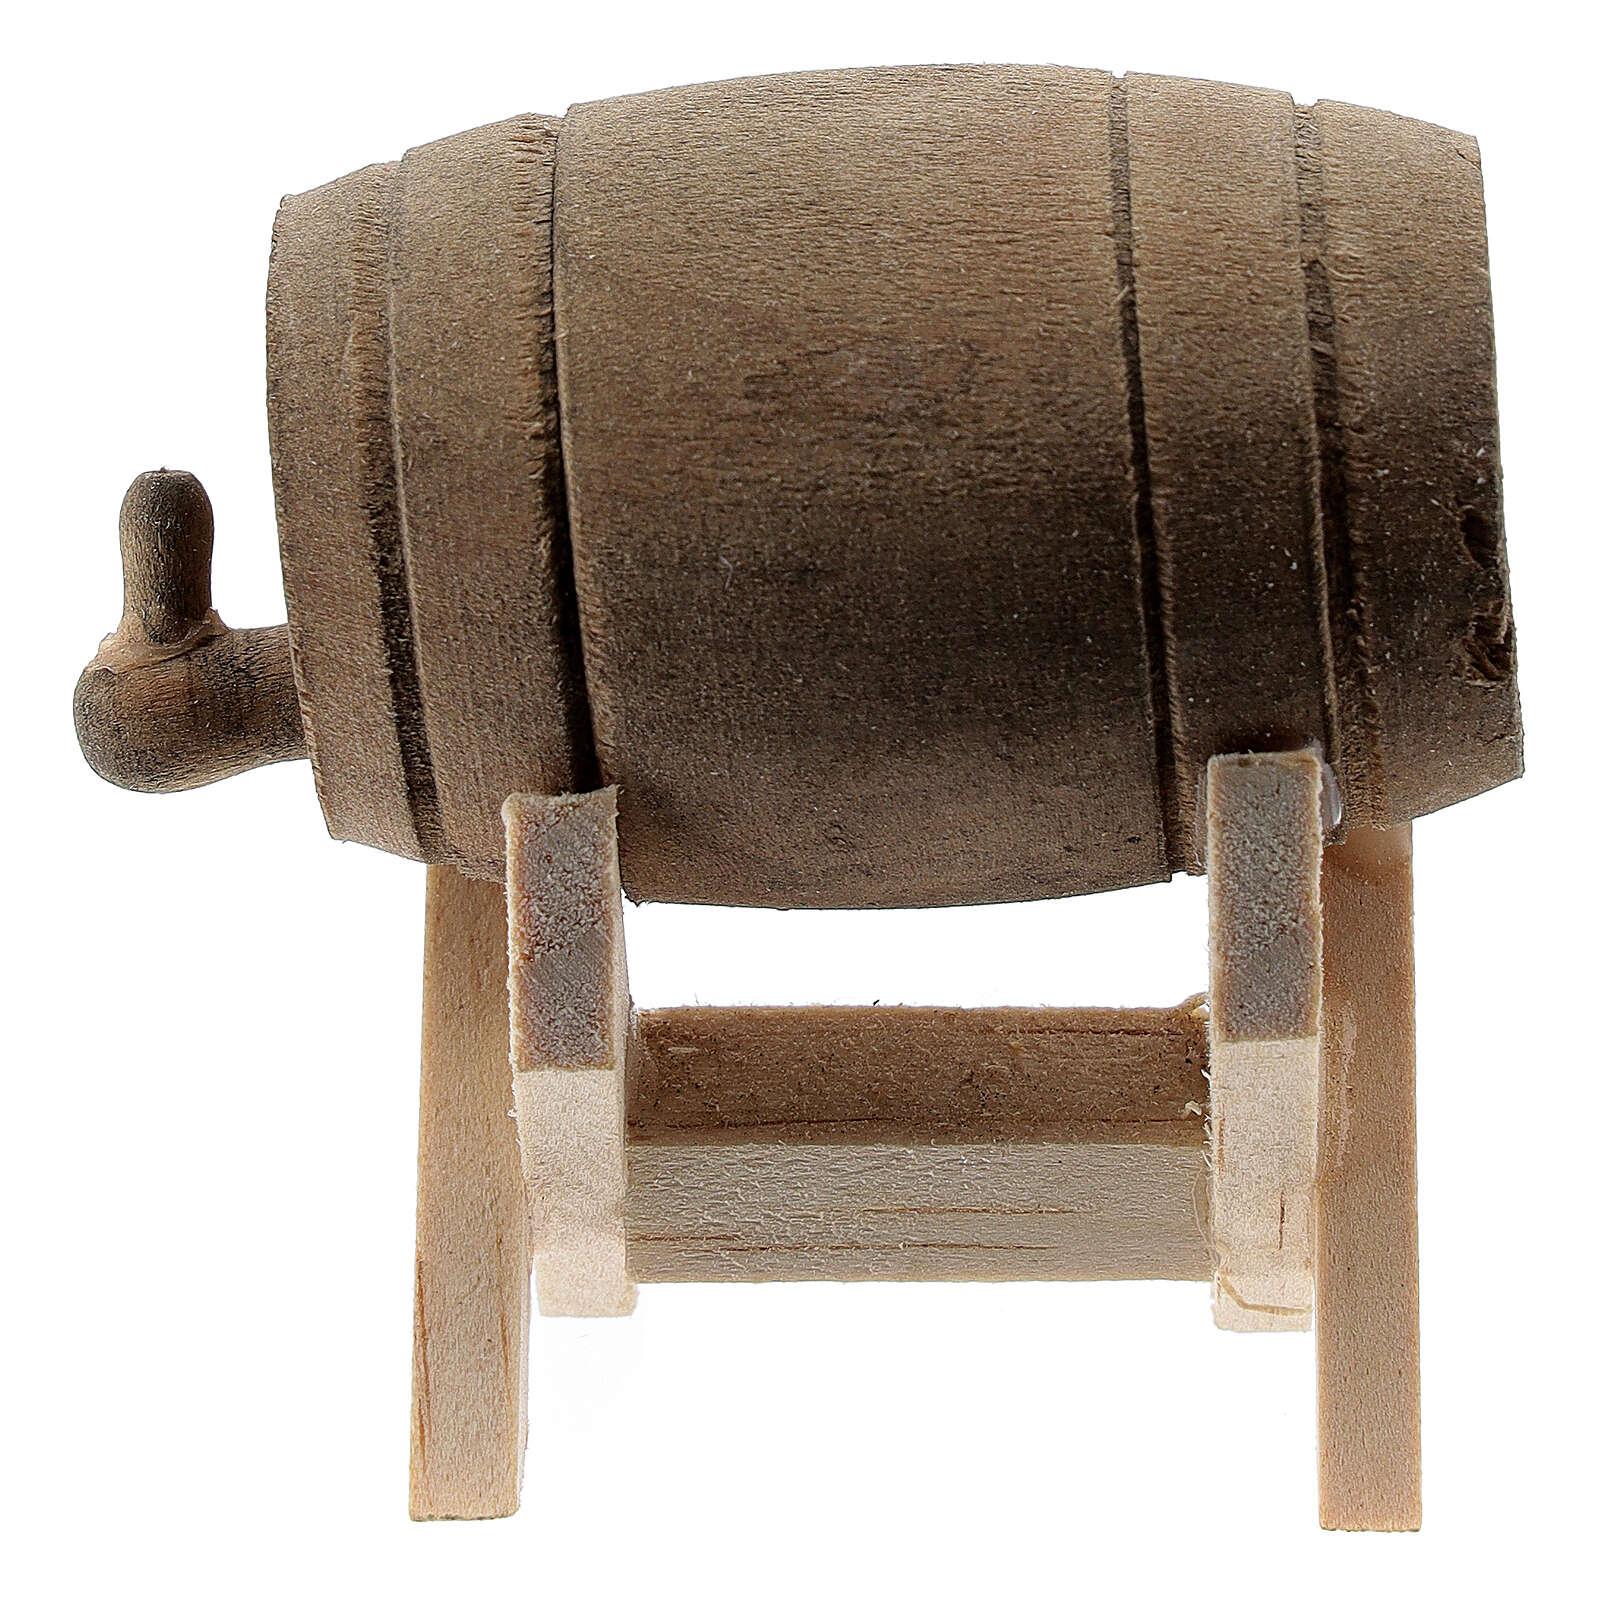 Botte legno con supporto presepe 6-10 cm 4